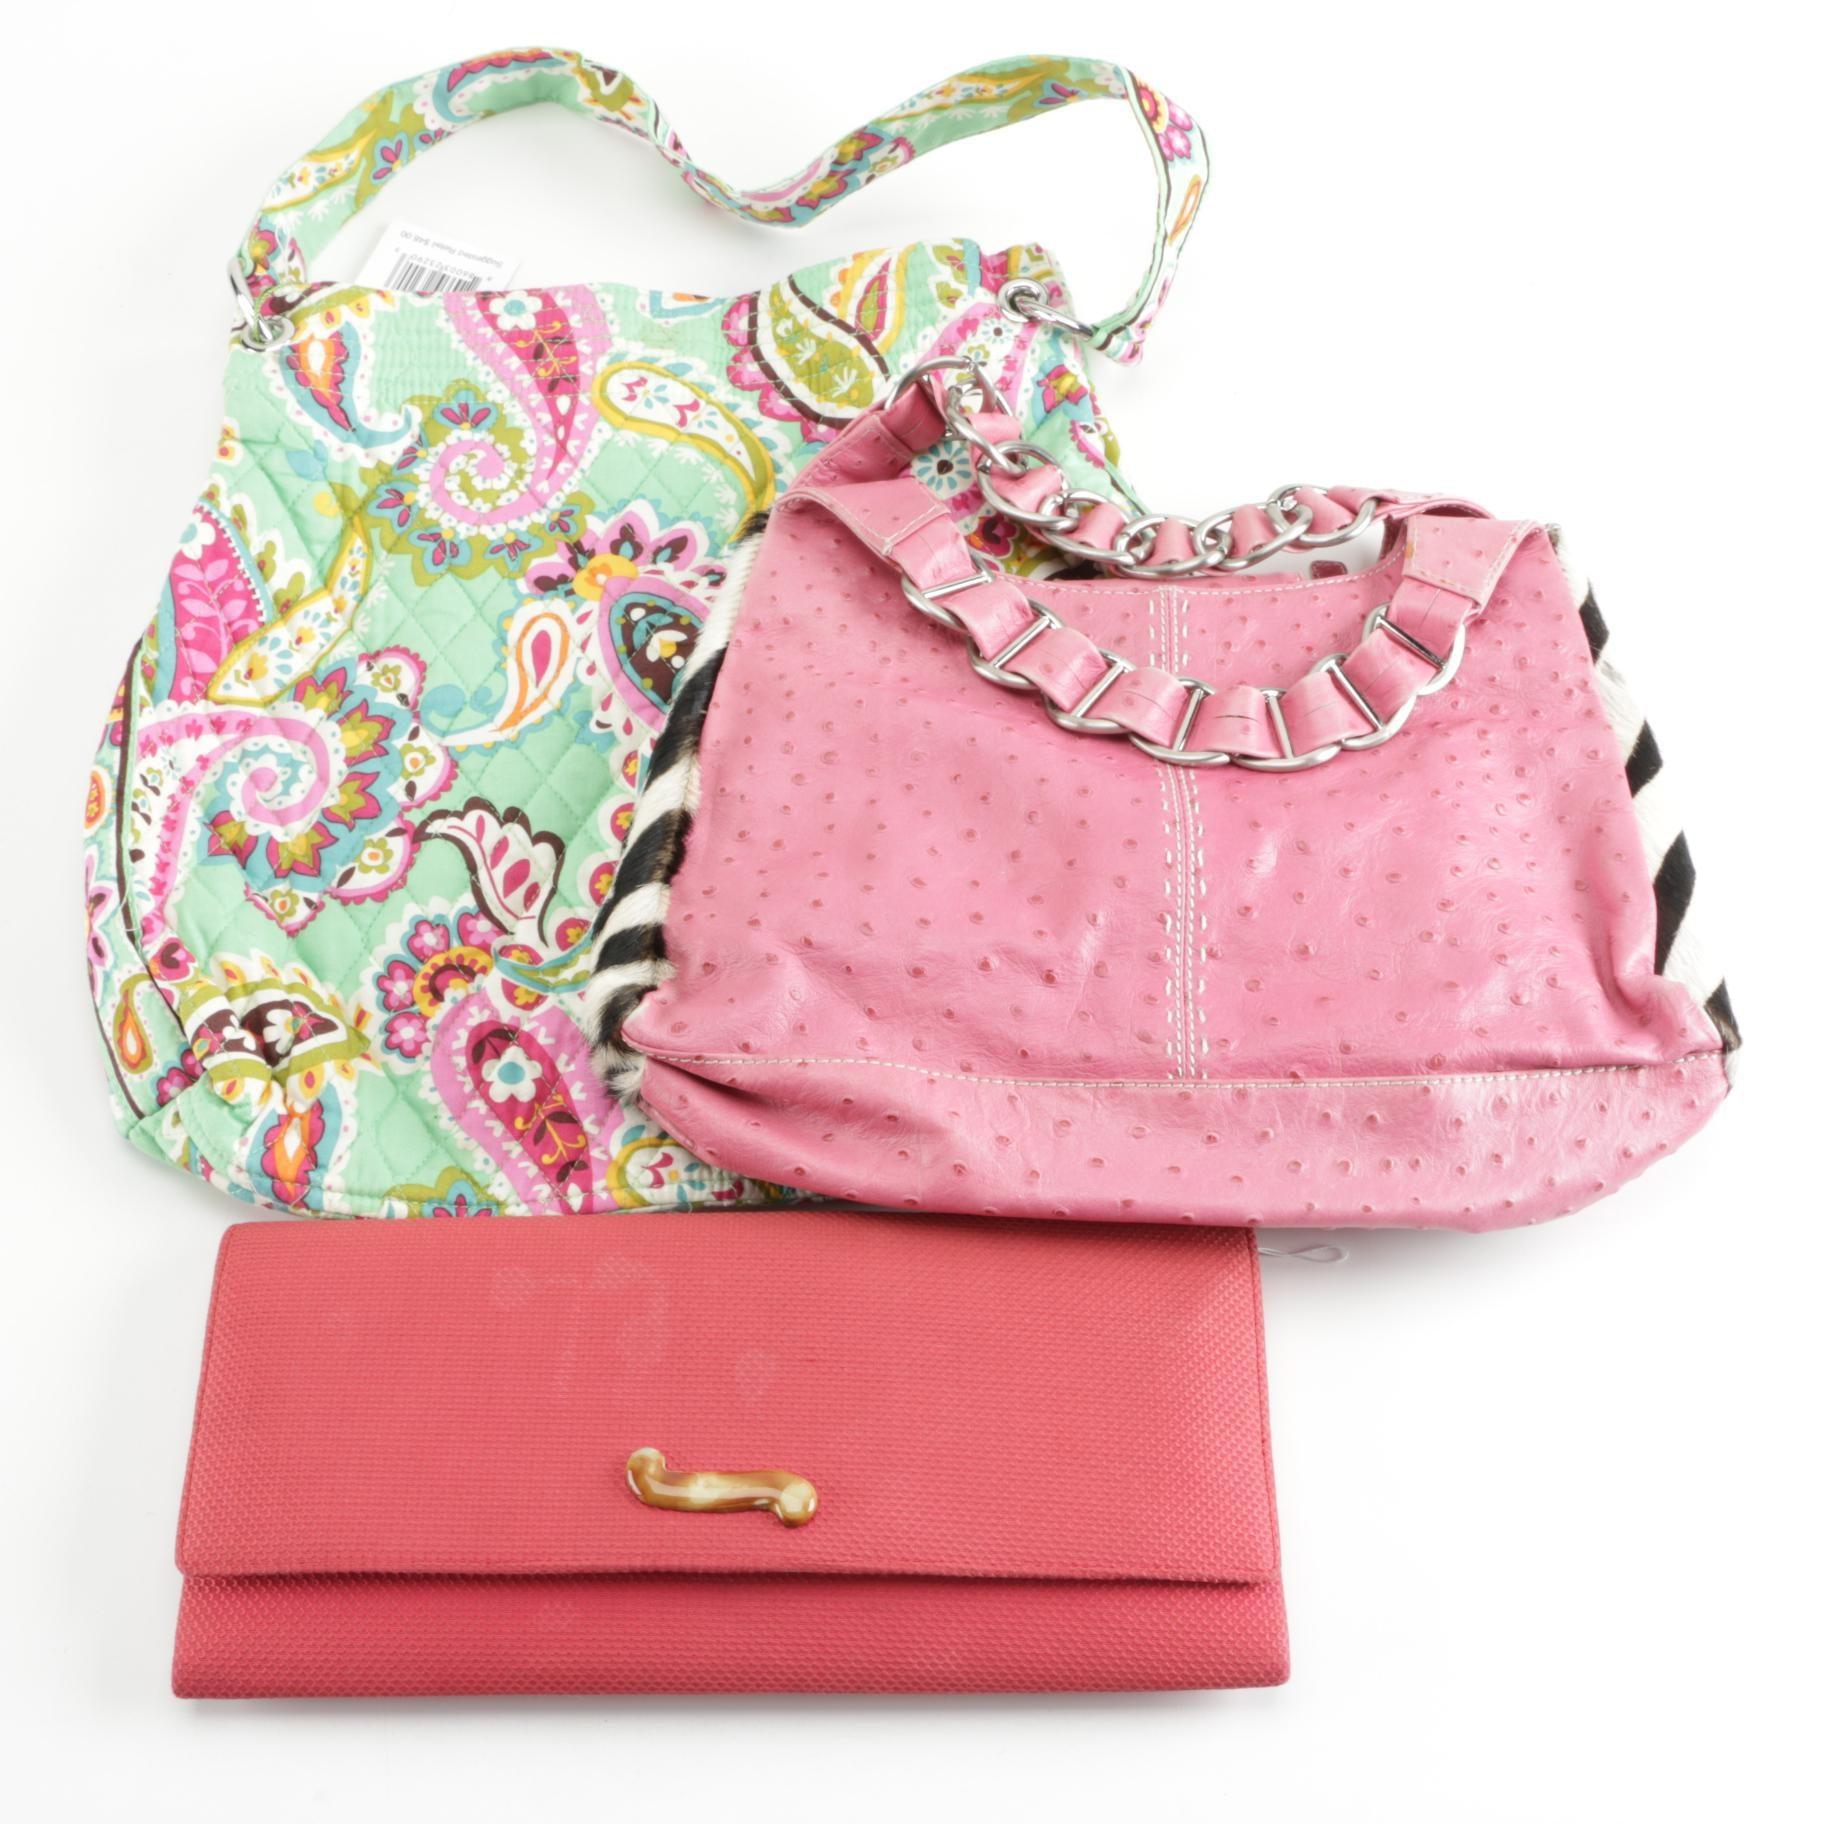 Handbags and Clutch Including Vera Bradley